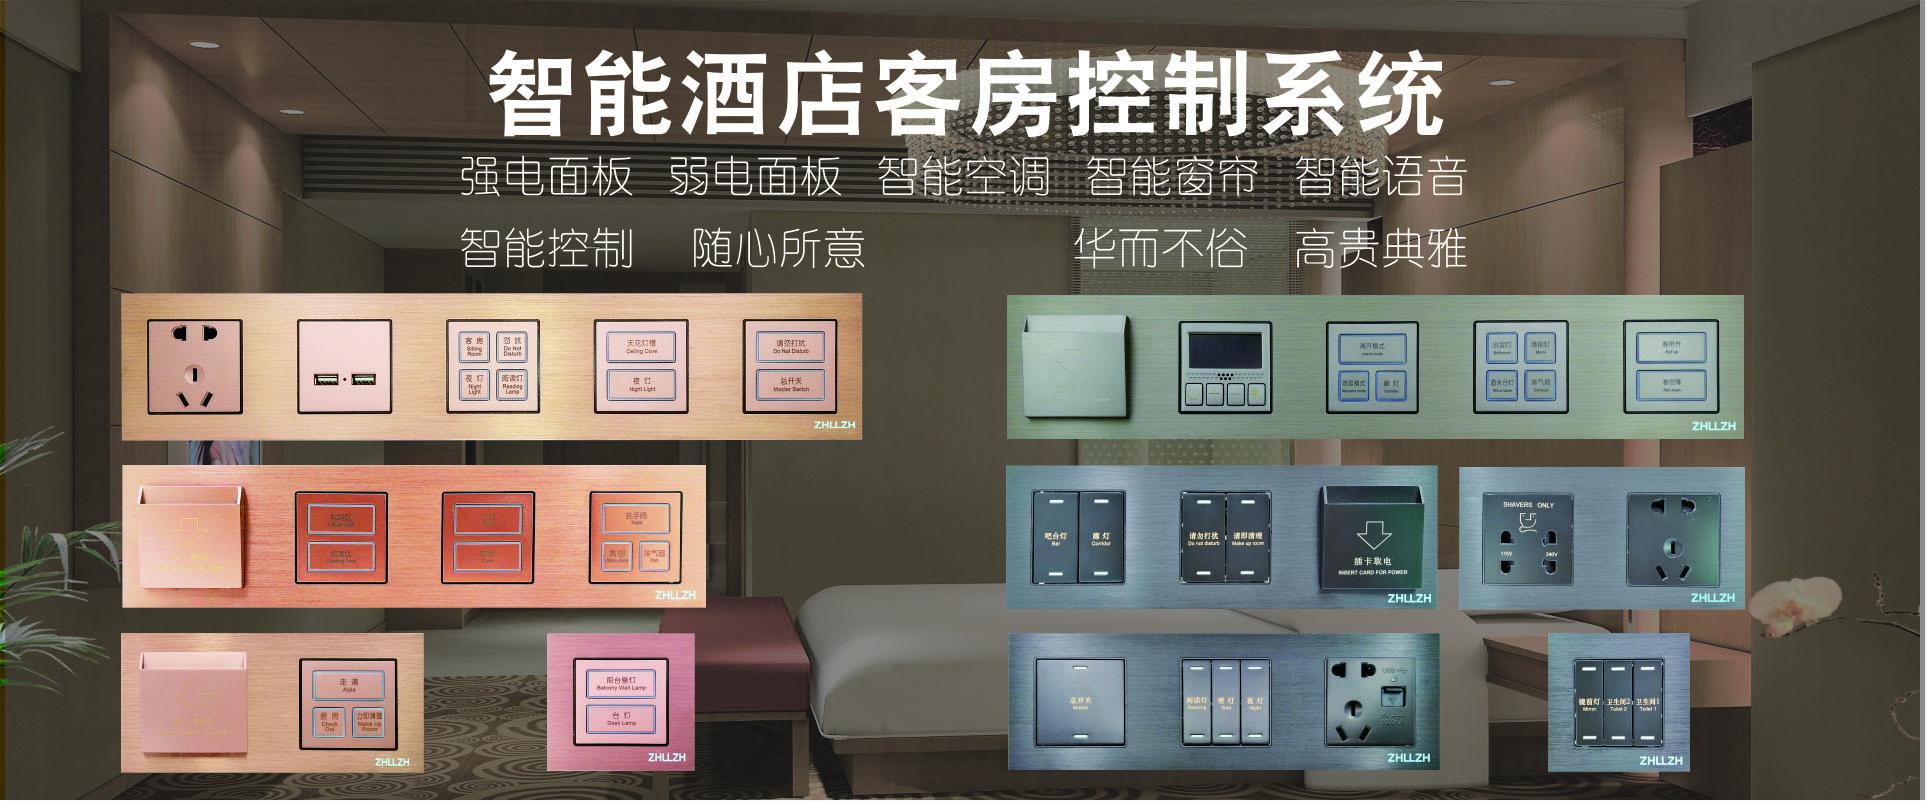 智能照明控制系统